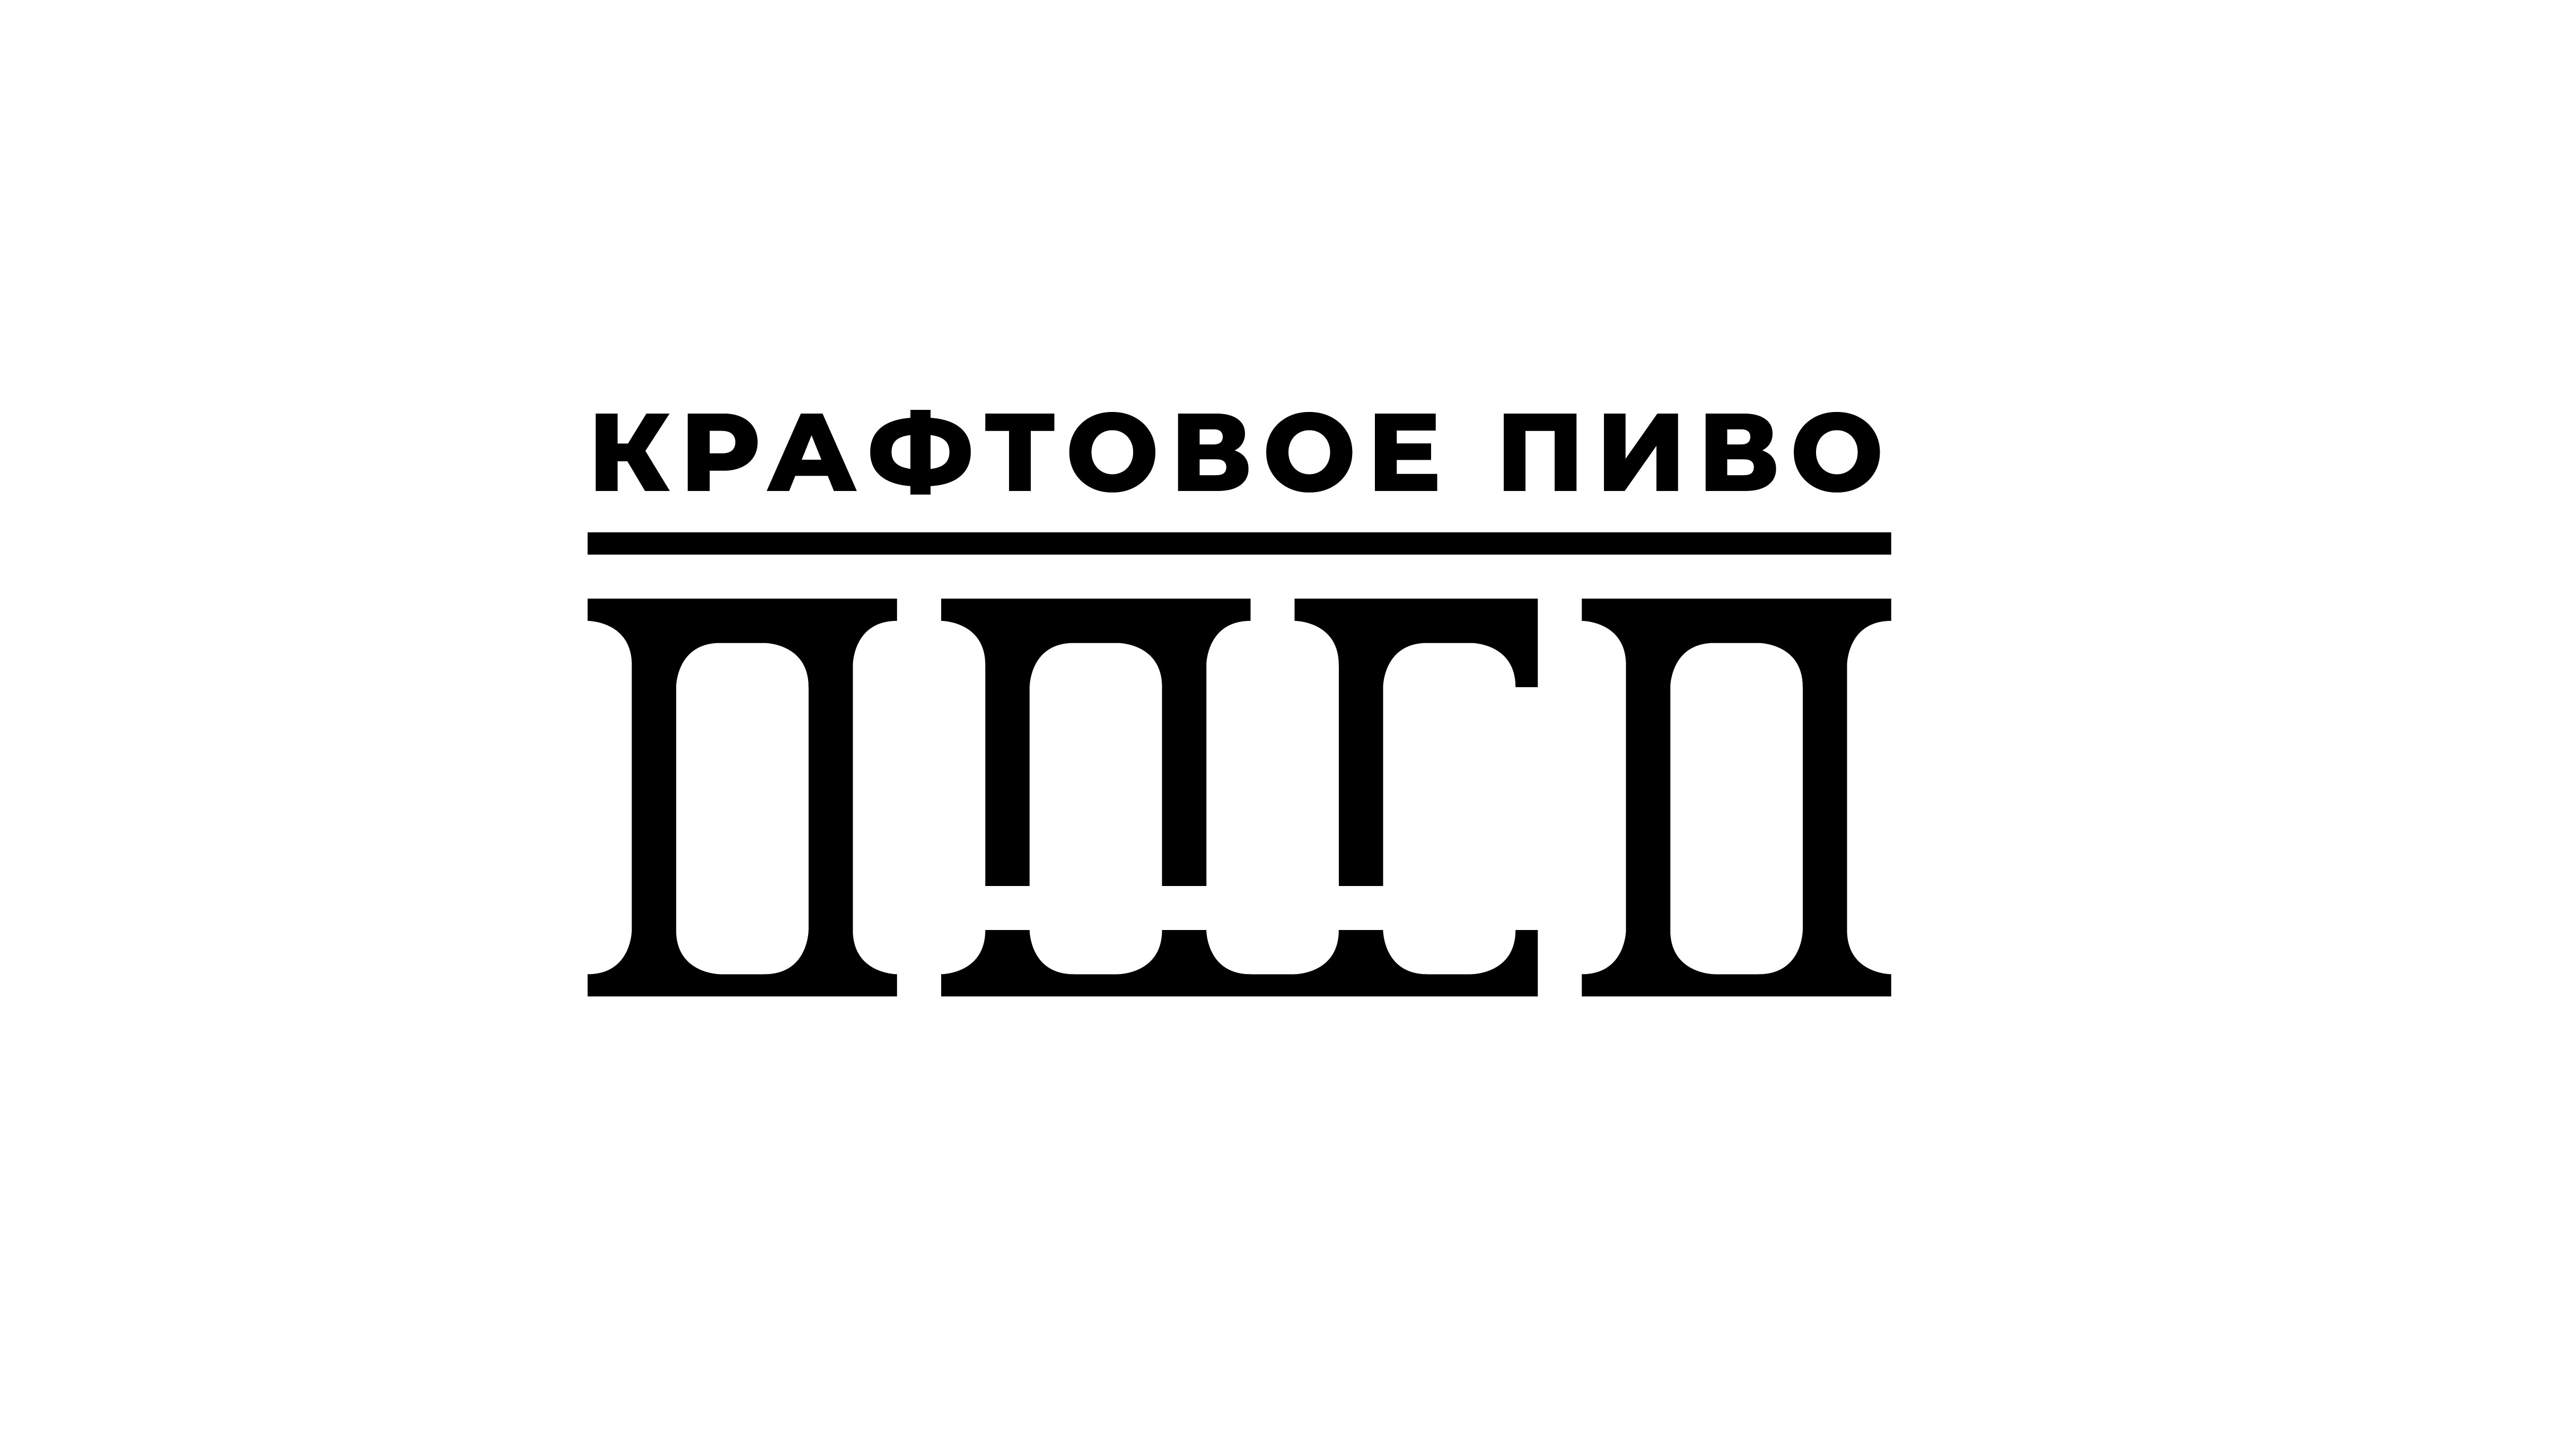 Логотип для Крафтовой Пивоварни фото f_1225caccb3e1b351.jpg